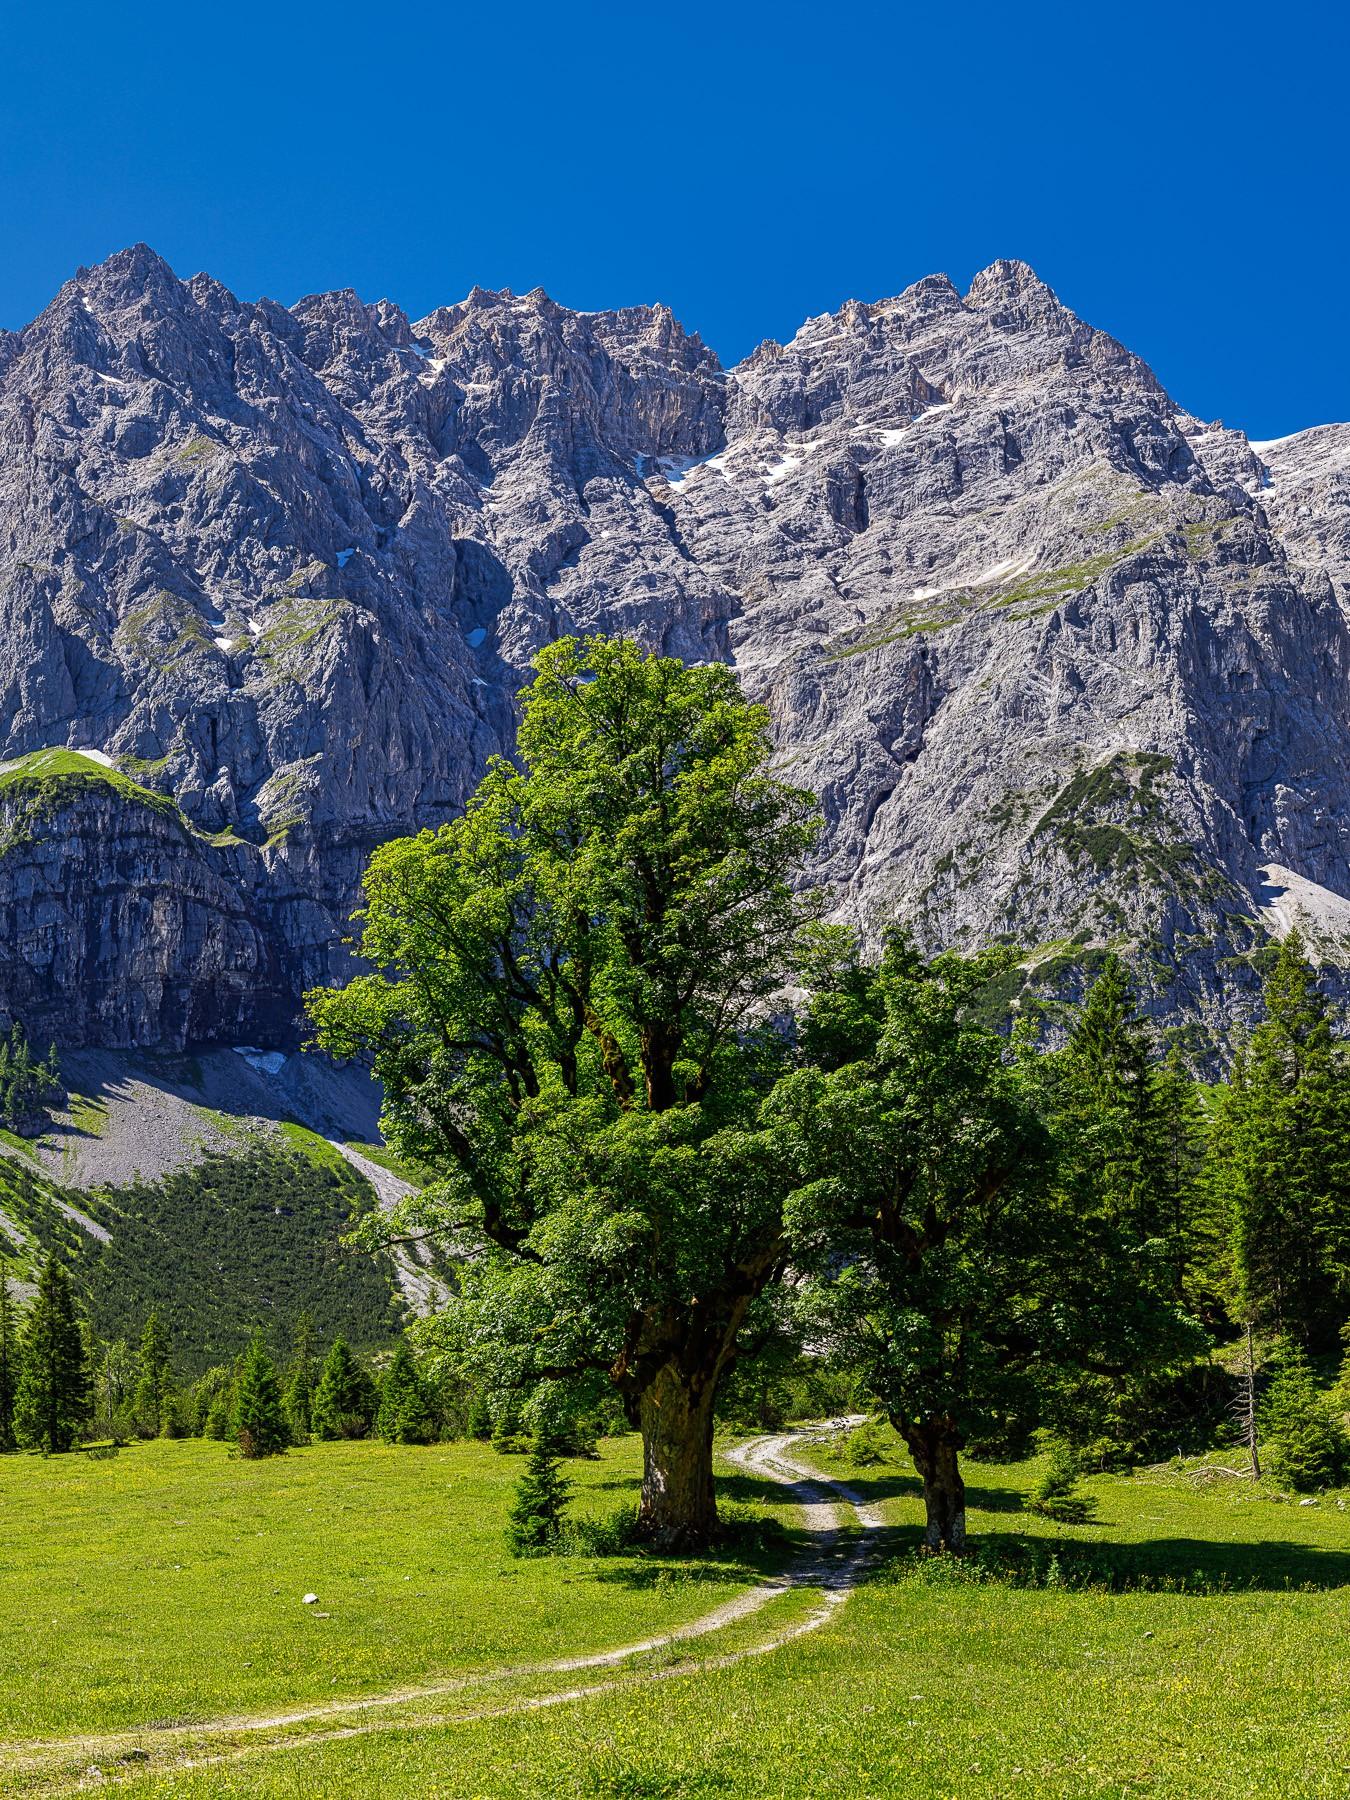 Sommer am Kleinen Ahornboden, der Weg führt zwischen den Ahornbäumen hinauf zum Karwendelhaus. Rechts oben ist die Kaltwasserkarspitze (2733m).